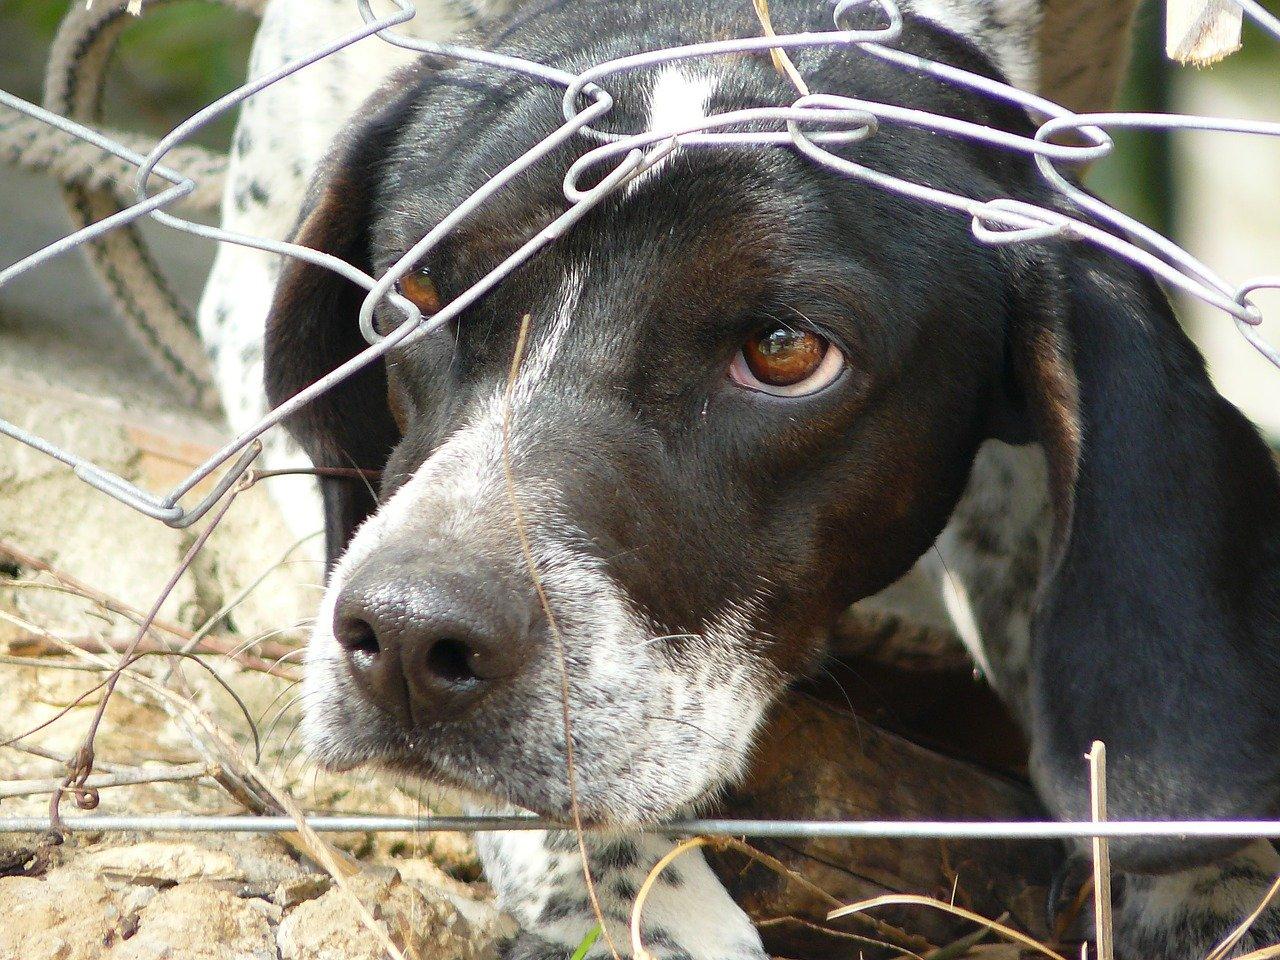 Hund guckt durch ein Loch im Zaun